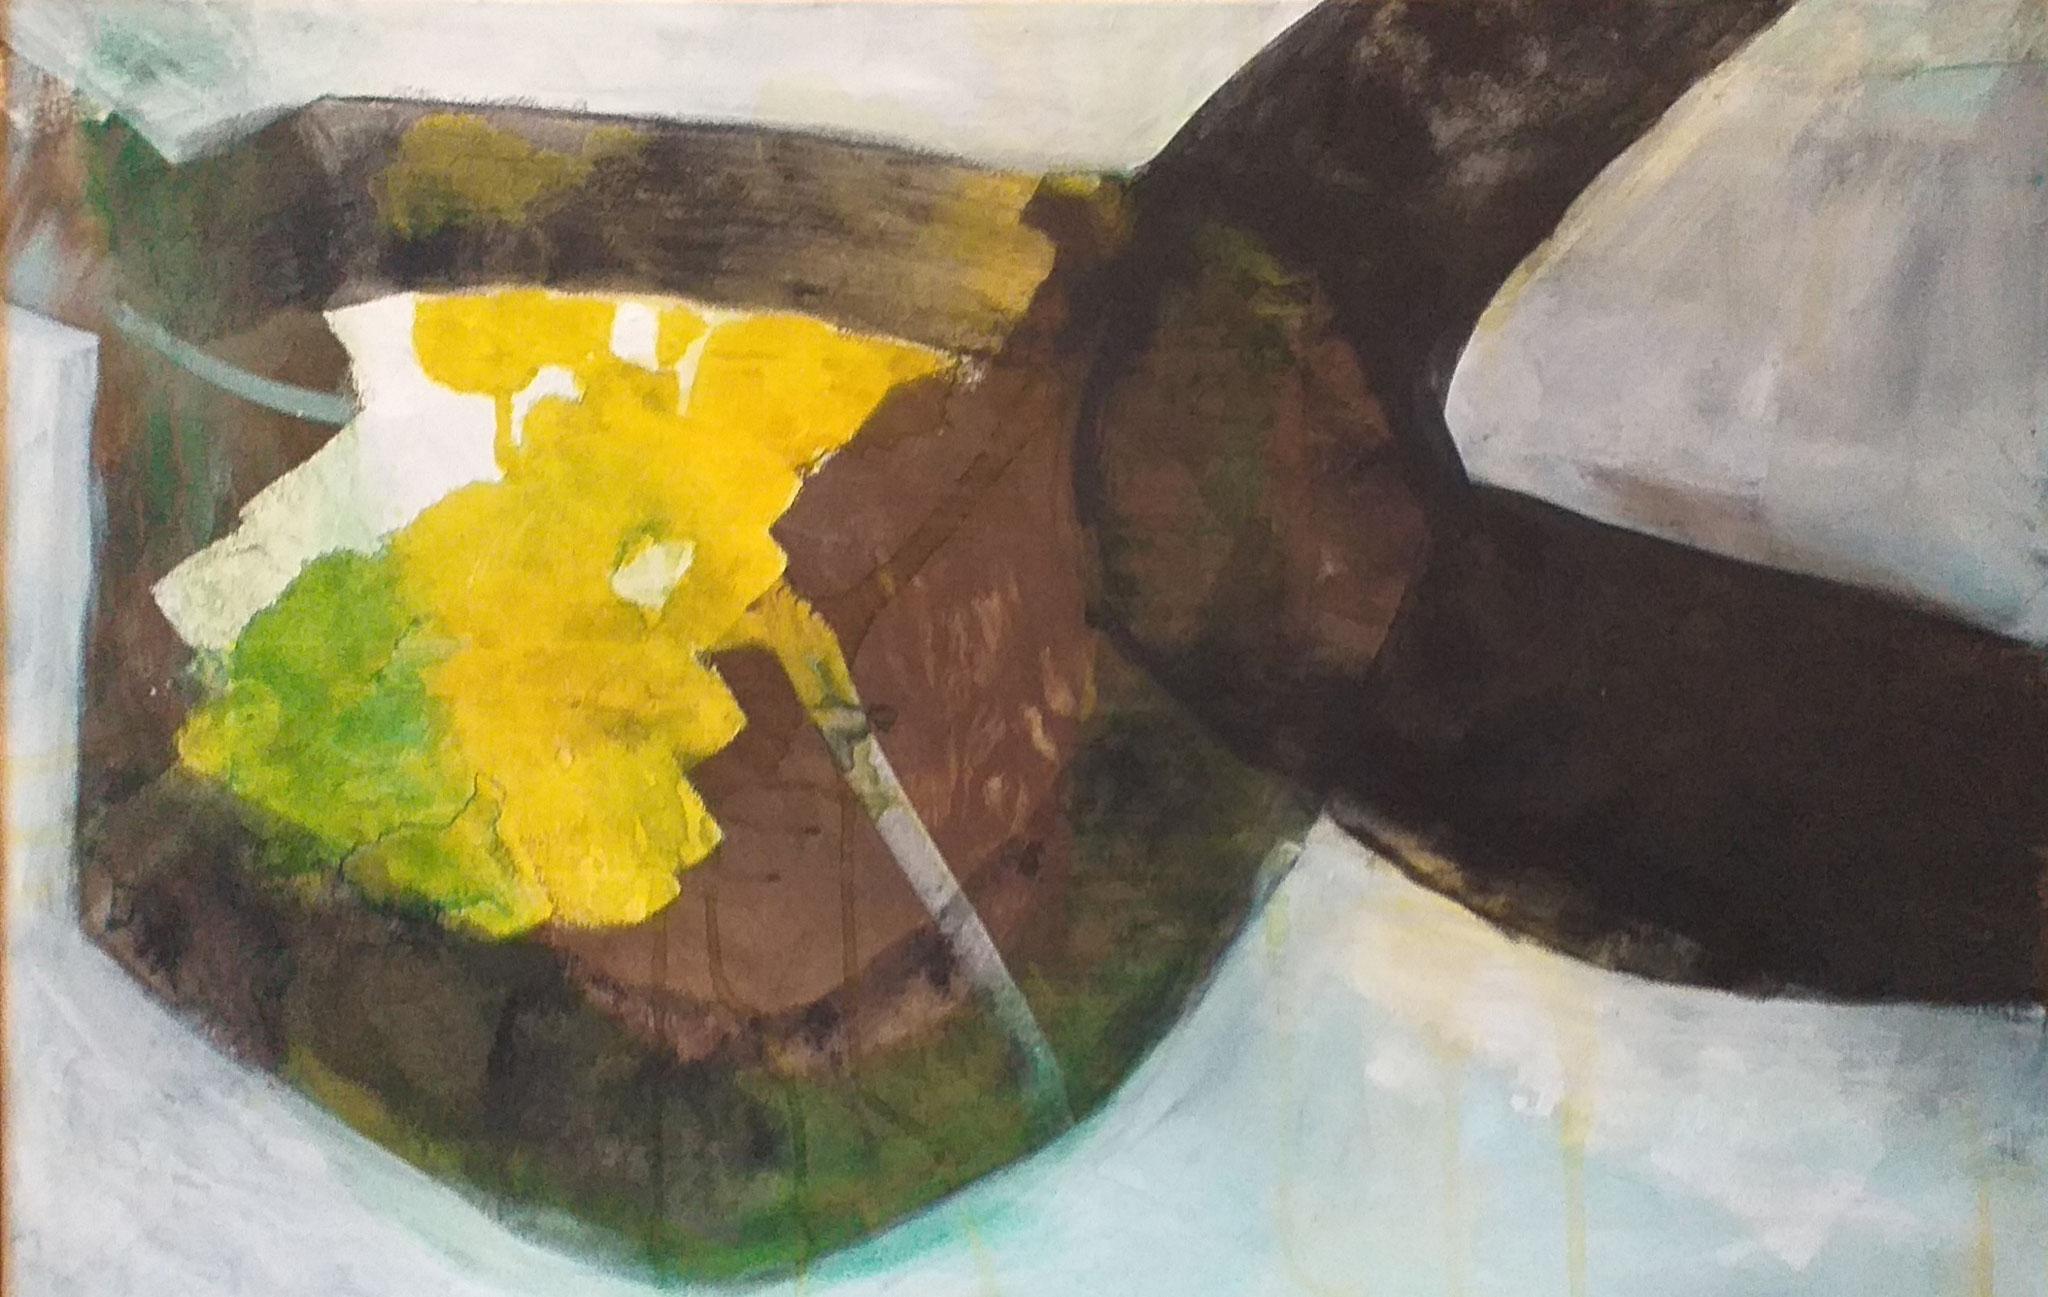 'Passage' Acryl, ecoline op canvas 75x115 cm 2020